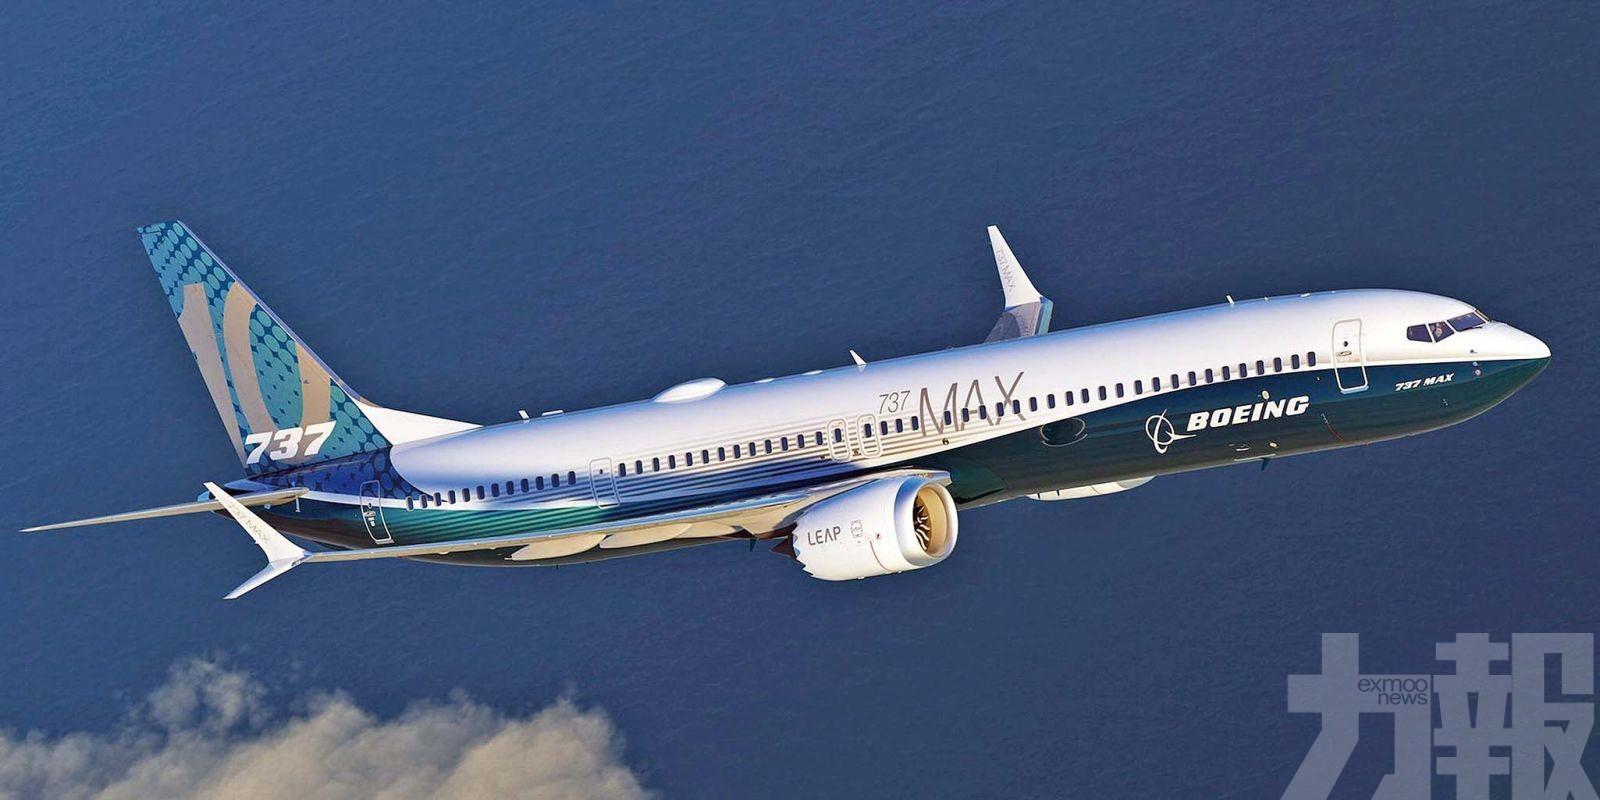 逾三分一波音737 MAX停飛 美國堅稱仍「適航」